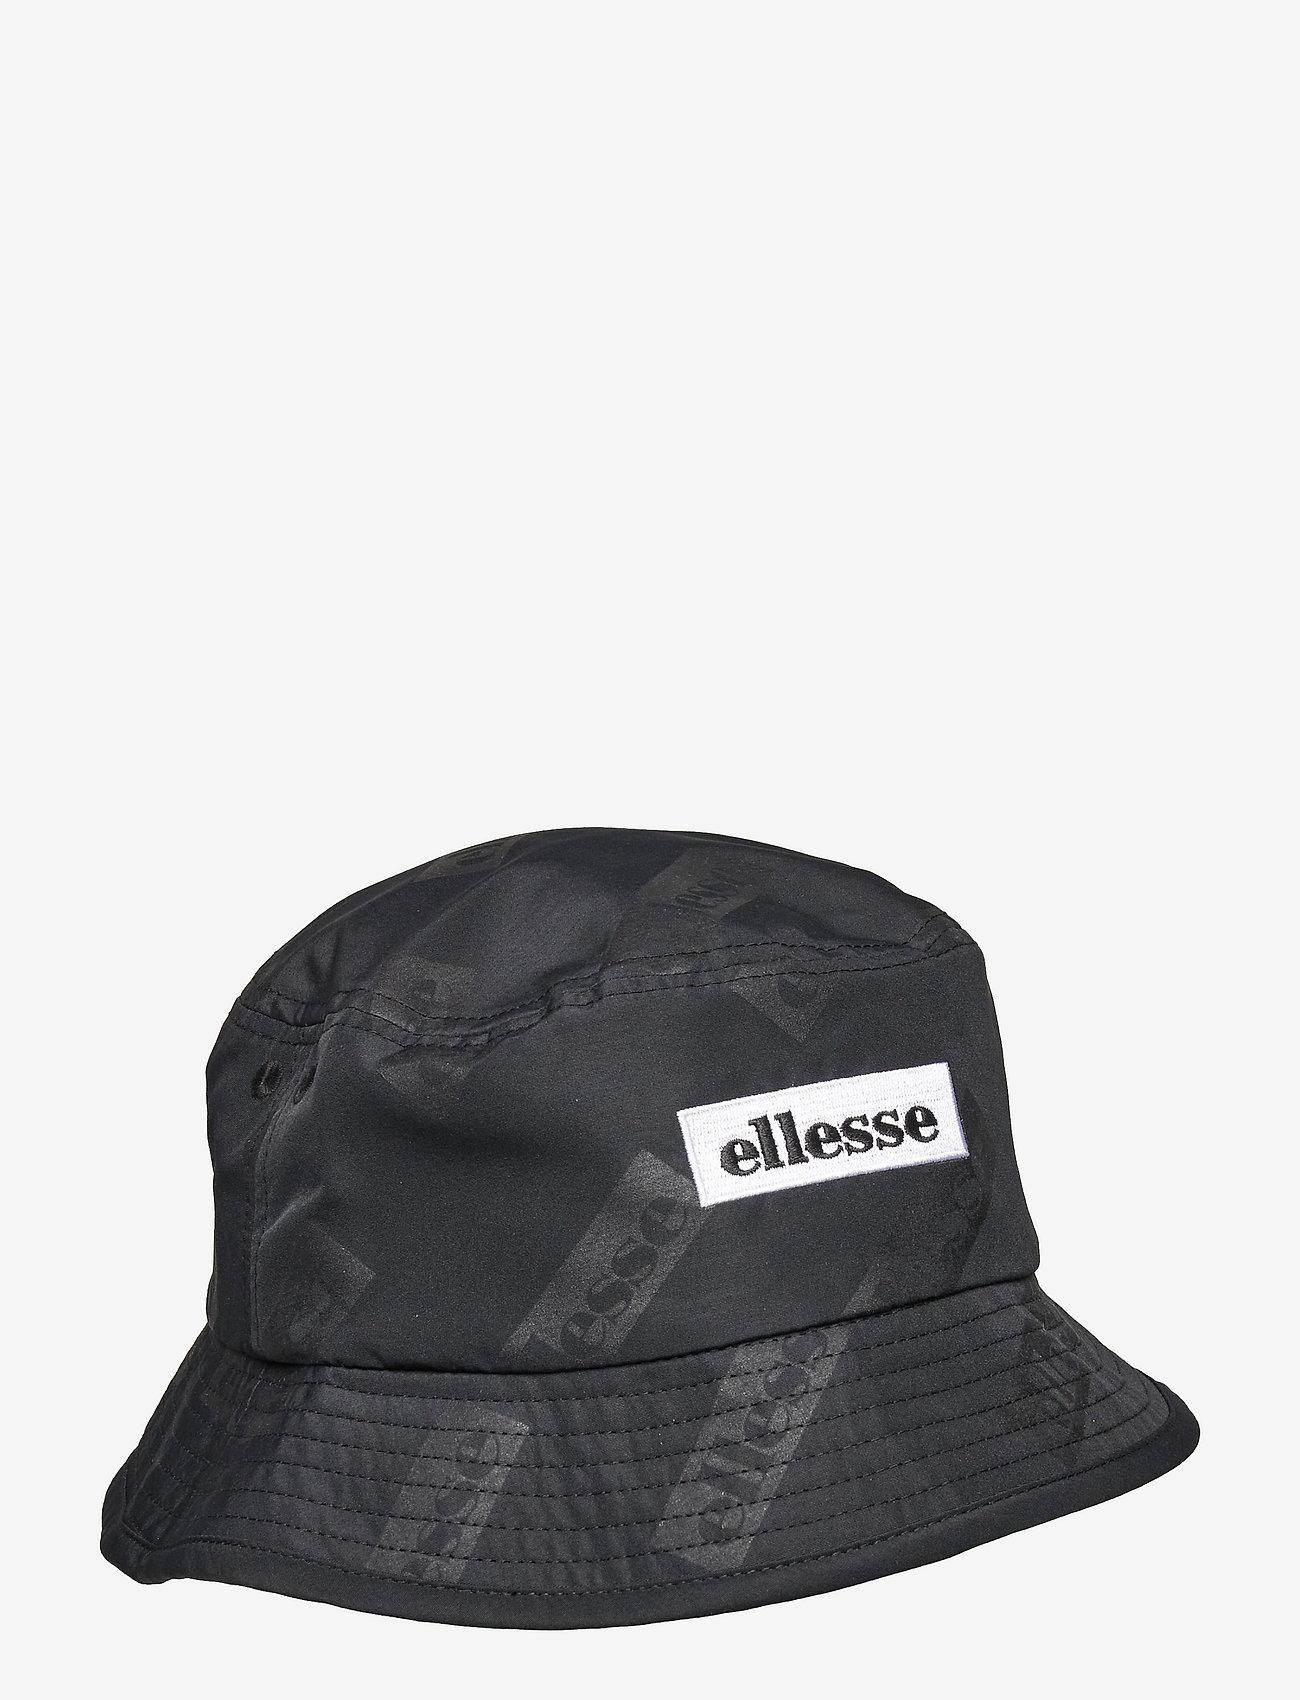 Ellesse - EL WAVIO BUCKET HAT - bucket hats - black - 0